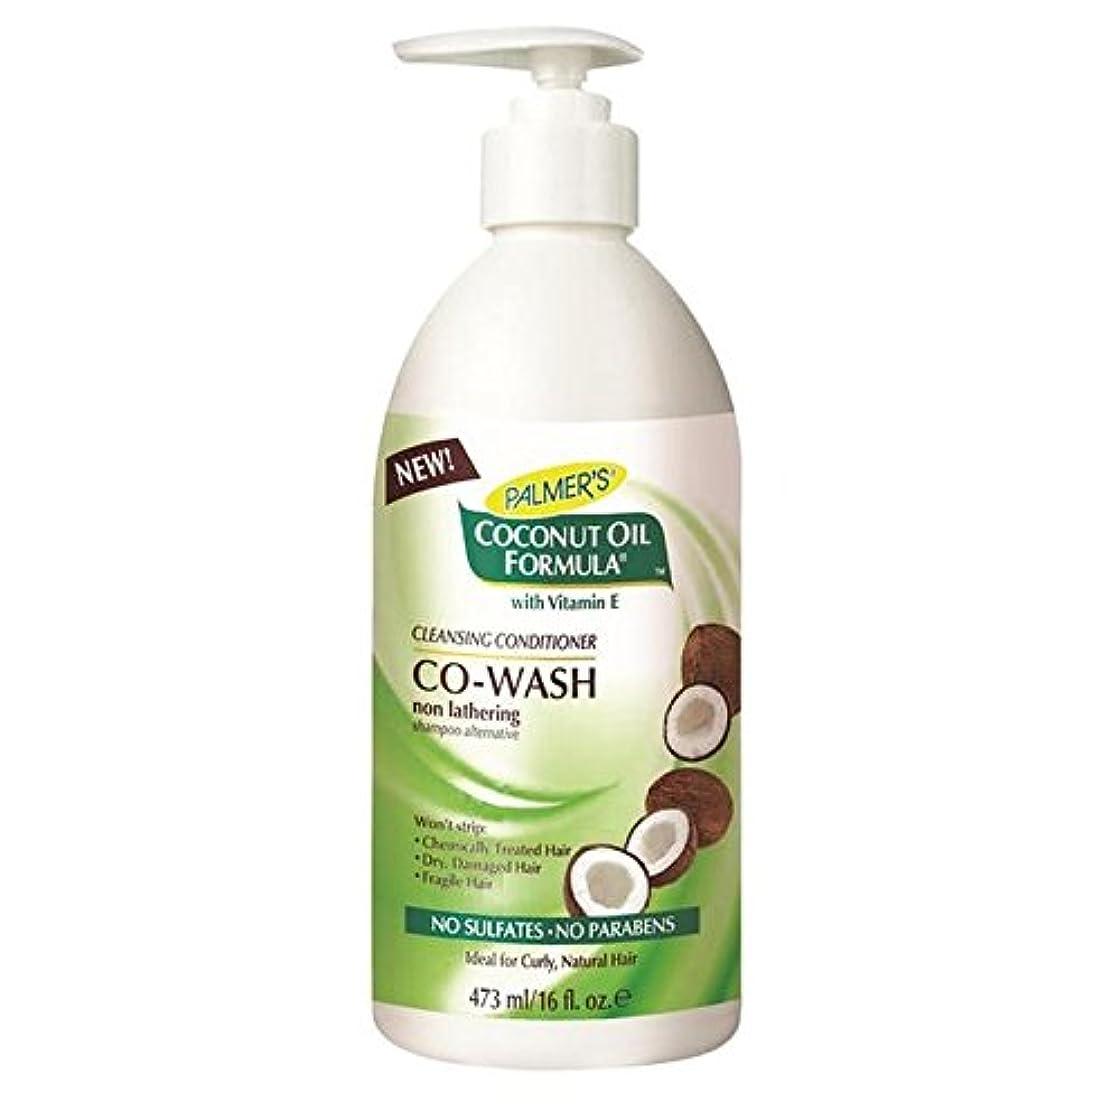 柔らかさリベラル鳥Palmer's Coconut Formula Co-Wash Cleansing Conditioner, Shampoo Alternative 473ml (Pack of 6) - パーマーのココナッツ式コウォッシュクレンジングコンディショナー...